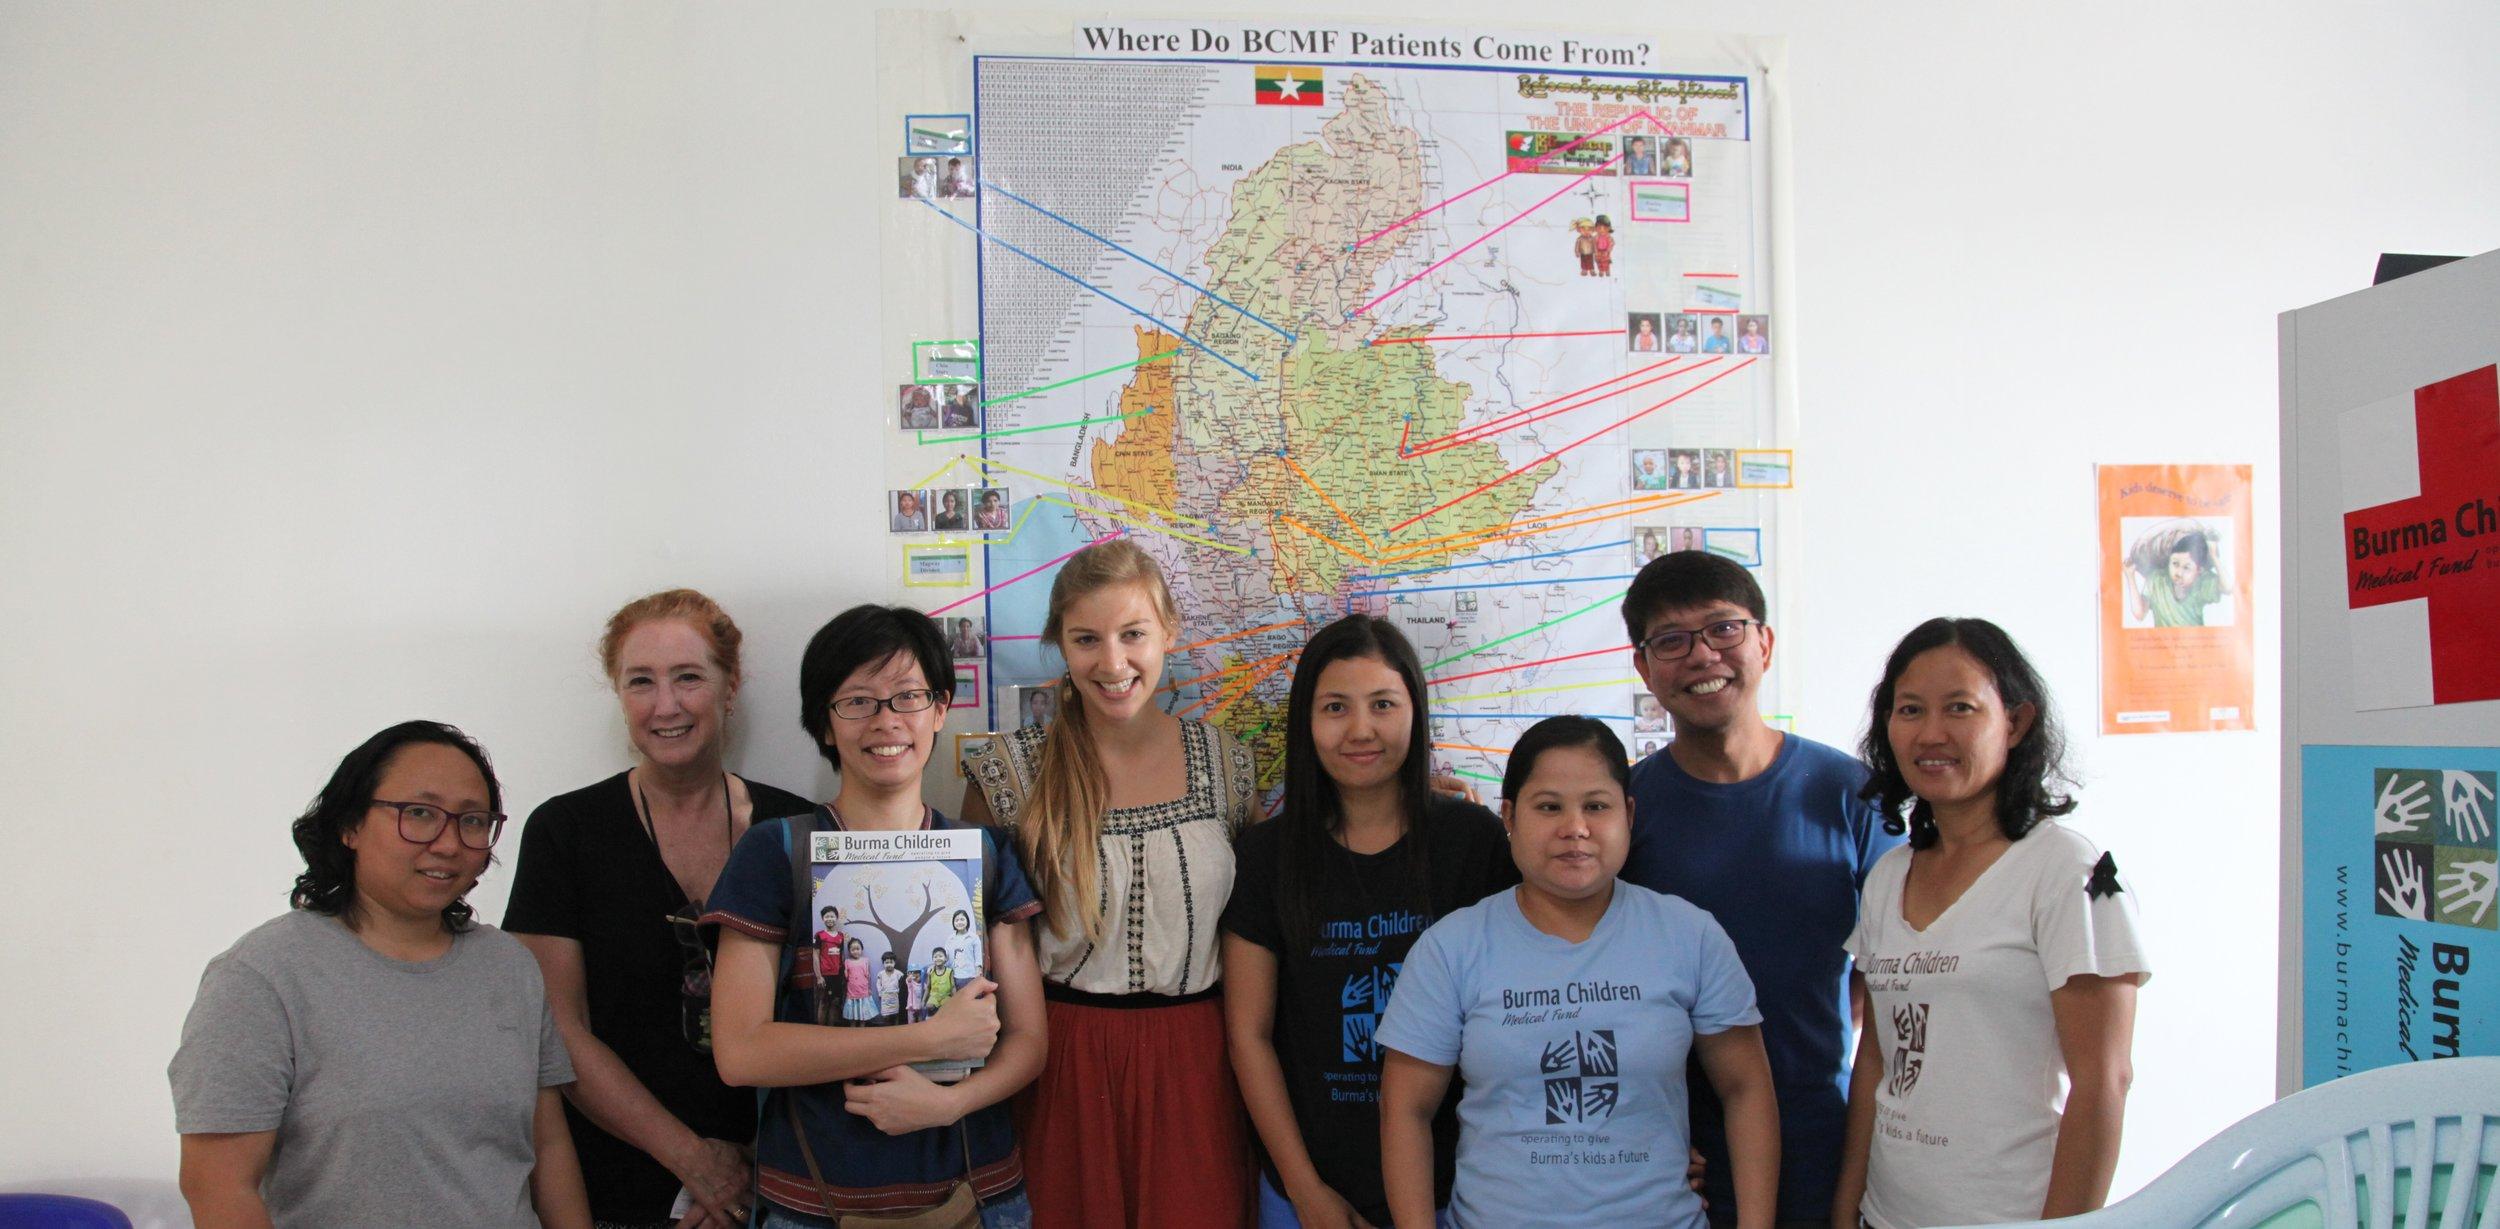 Glocal Action 企畫經理王詩菱代表本會捐贈經費給 BCMF 緬甸兒童醫療基金。